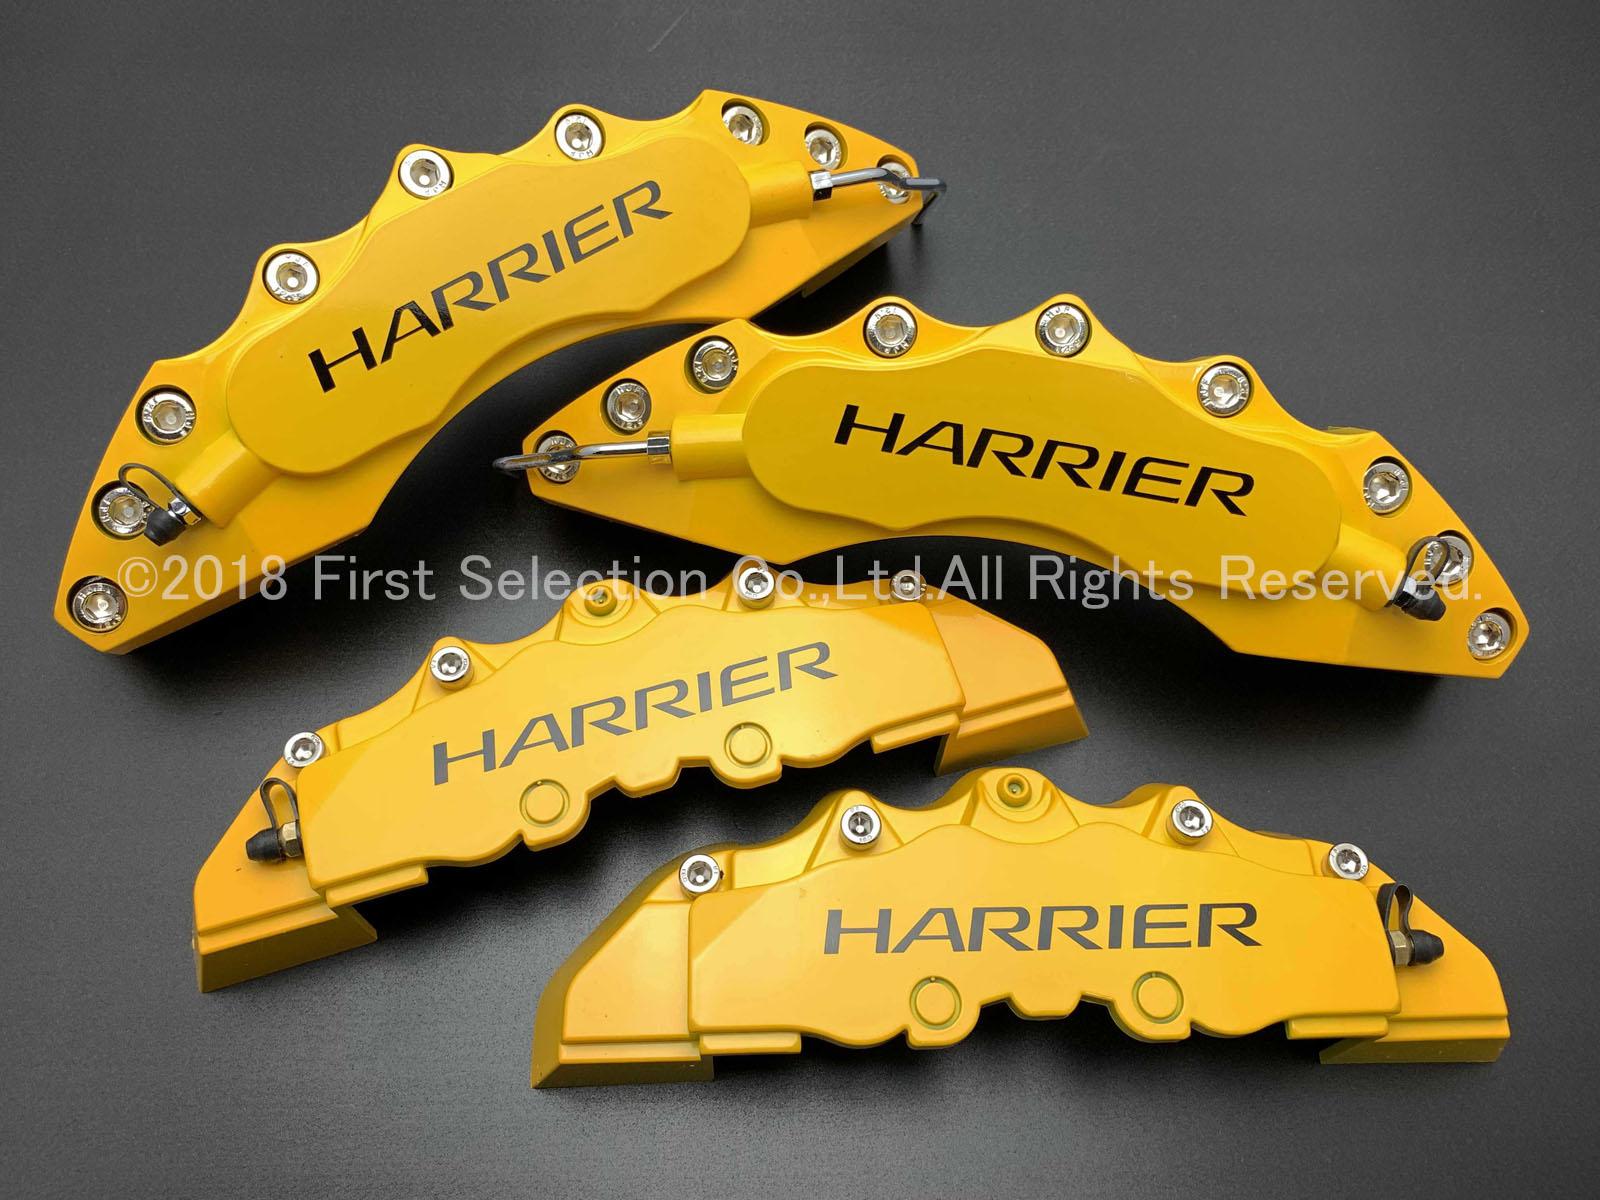 トヨタ車ハリアー HARRIERロゴ黒文字 汎用高品質キャリパーカバー黄 L/Mサイズセット